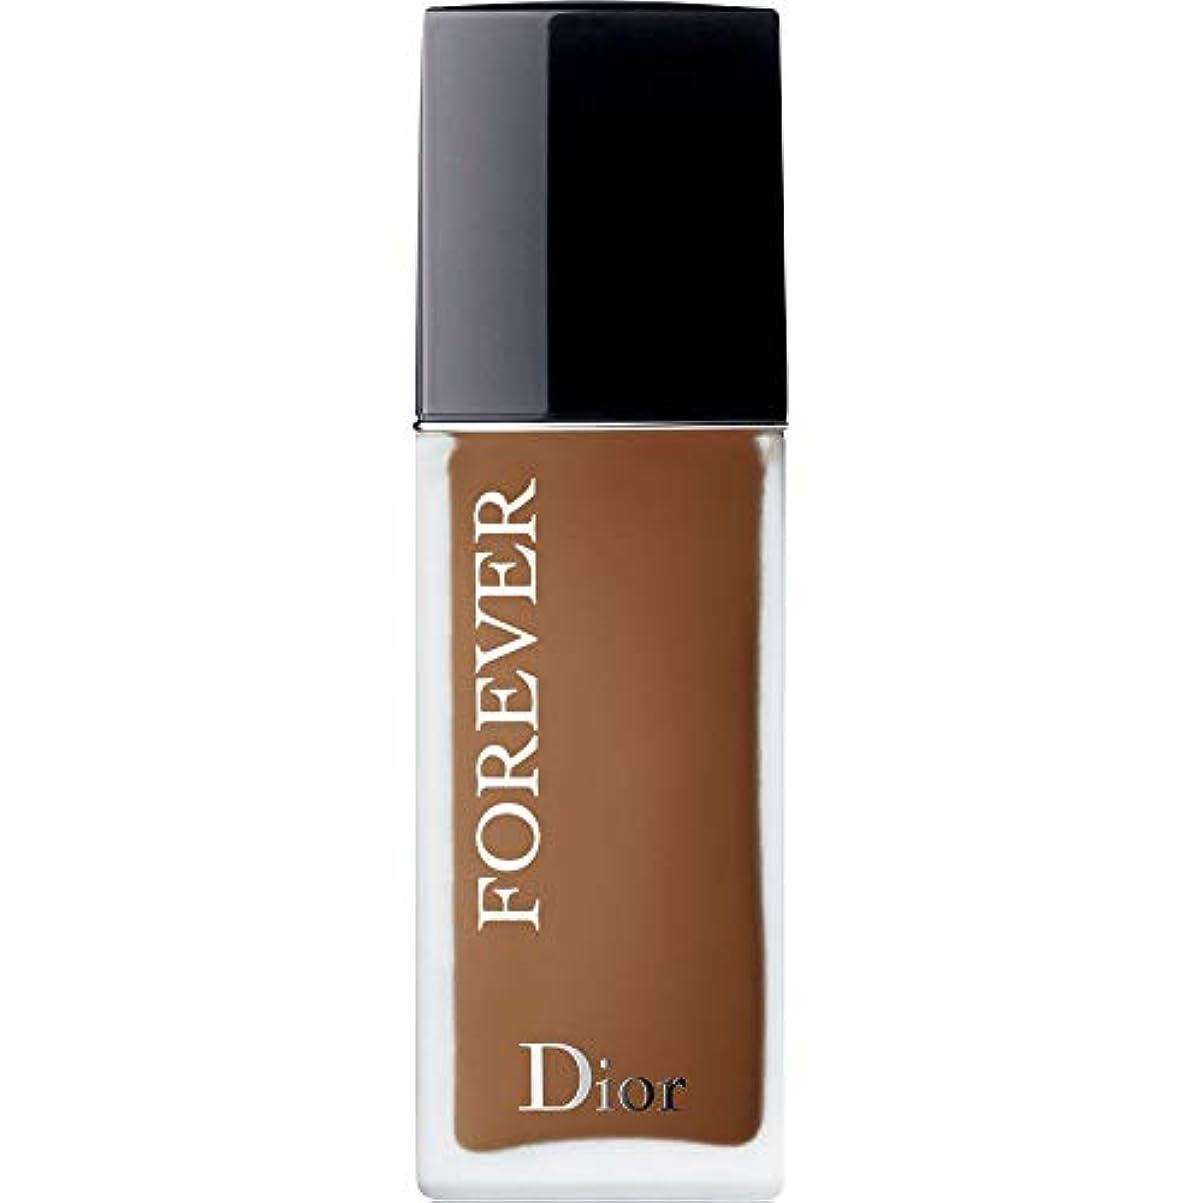 スリット彼の答え[Dior ] ディオール永遠皮膚思いやりの基盤Spf35 30ミリリットルの7N - ニュートラル(つや消し) - DIOR Forever Skin-Caring Foundation SPF35 30ml 7N -...